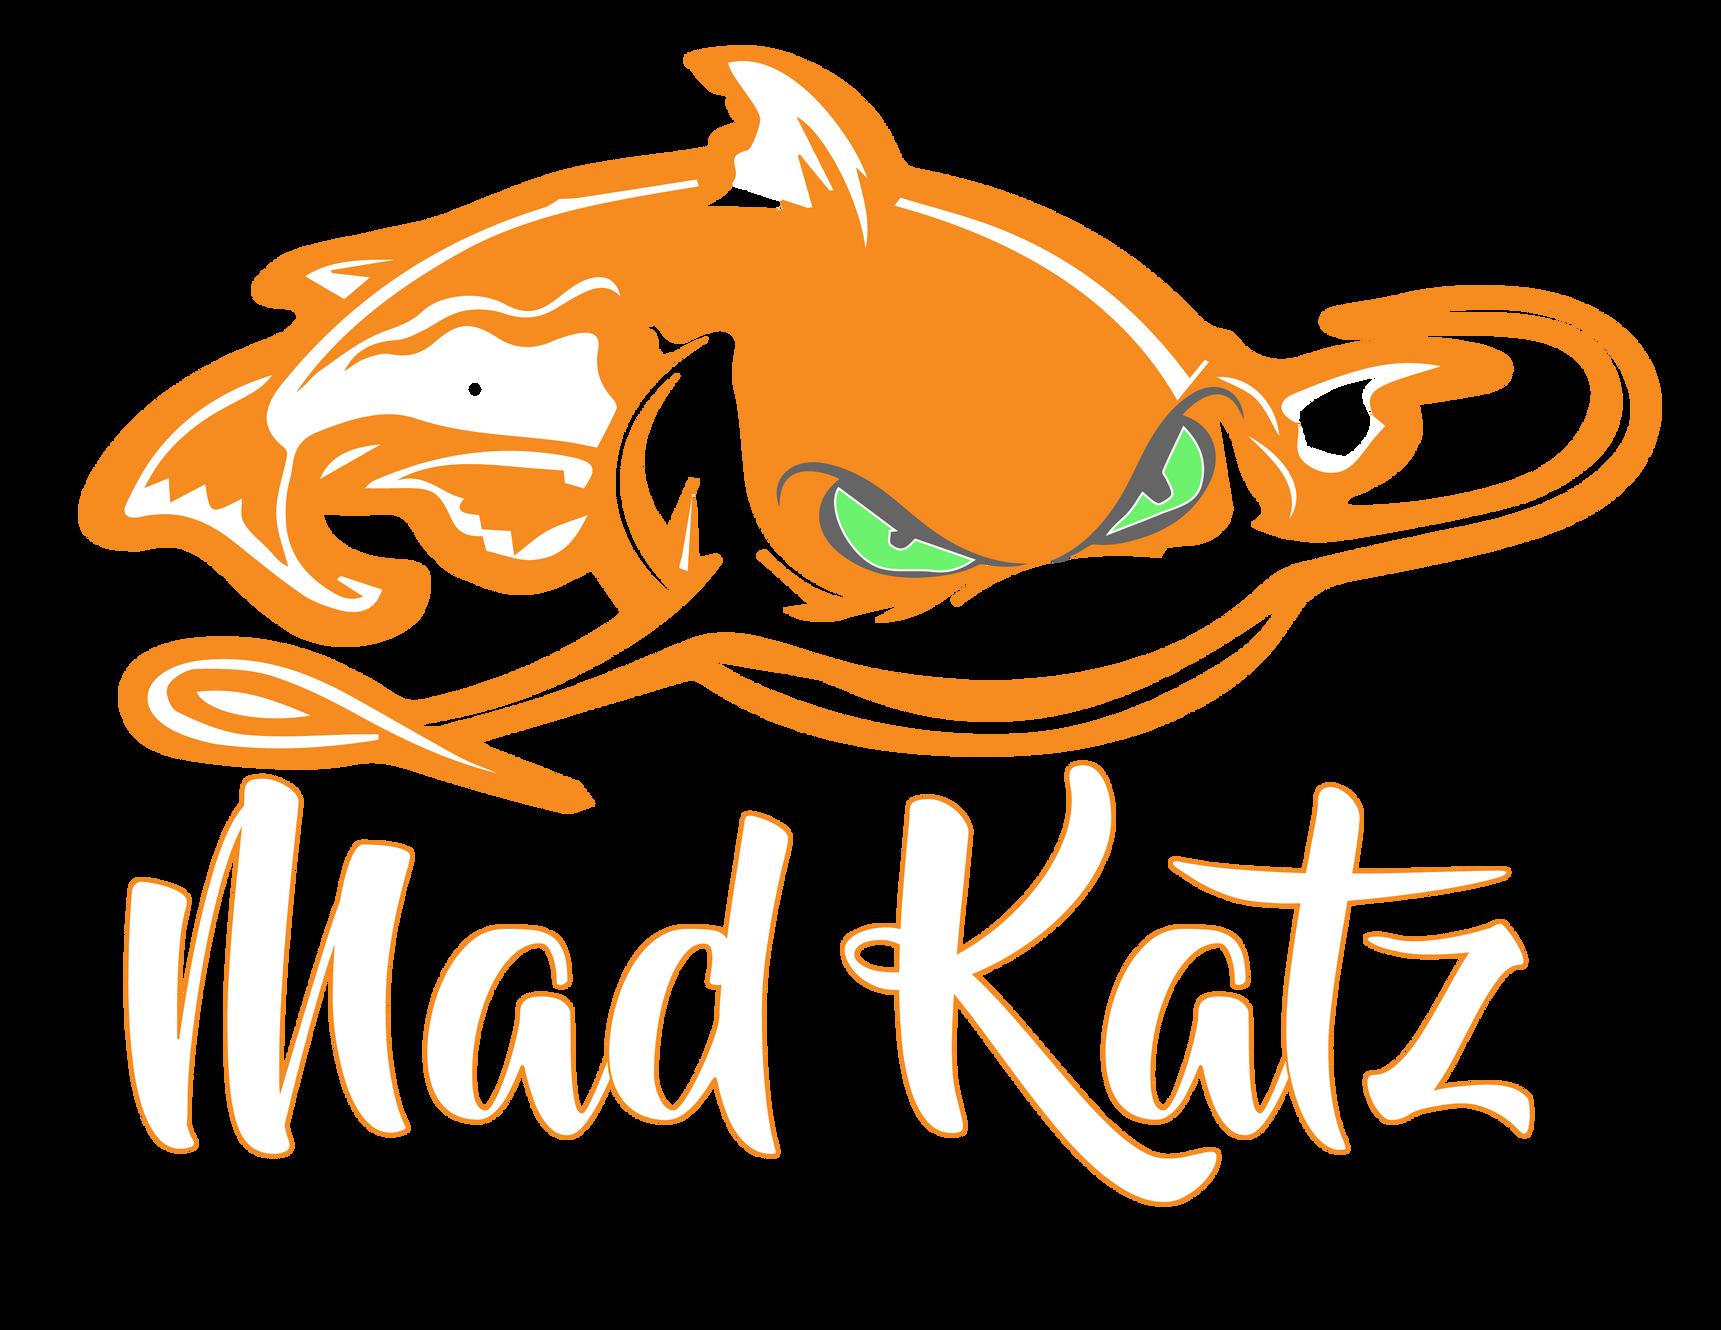 www.madkatzgear.com